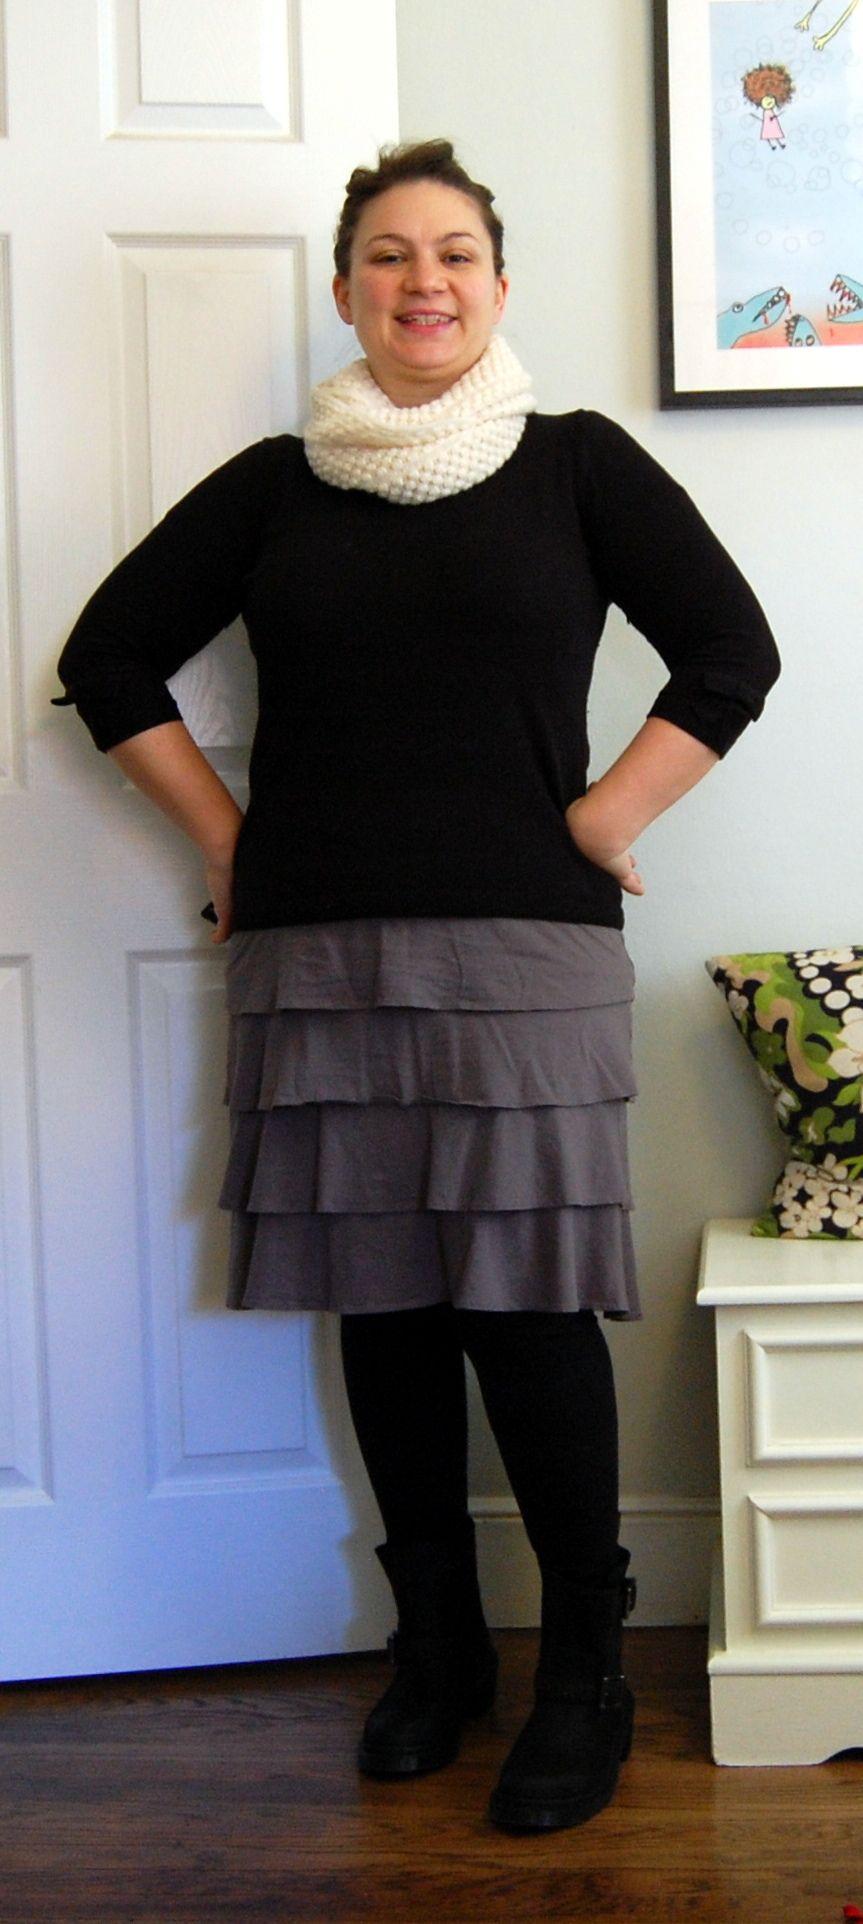 Ebay Scarf, Gap Outlet Sweater, Garnet Hill Flamenco Skirt, Dr. Marten boots